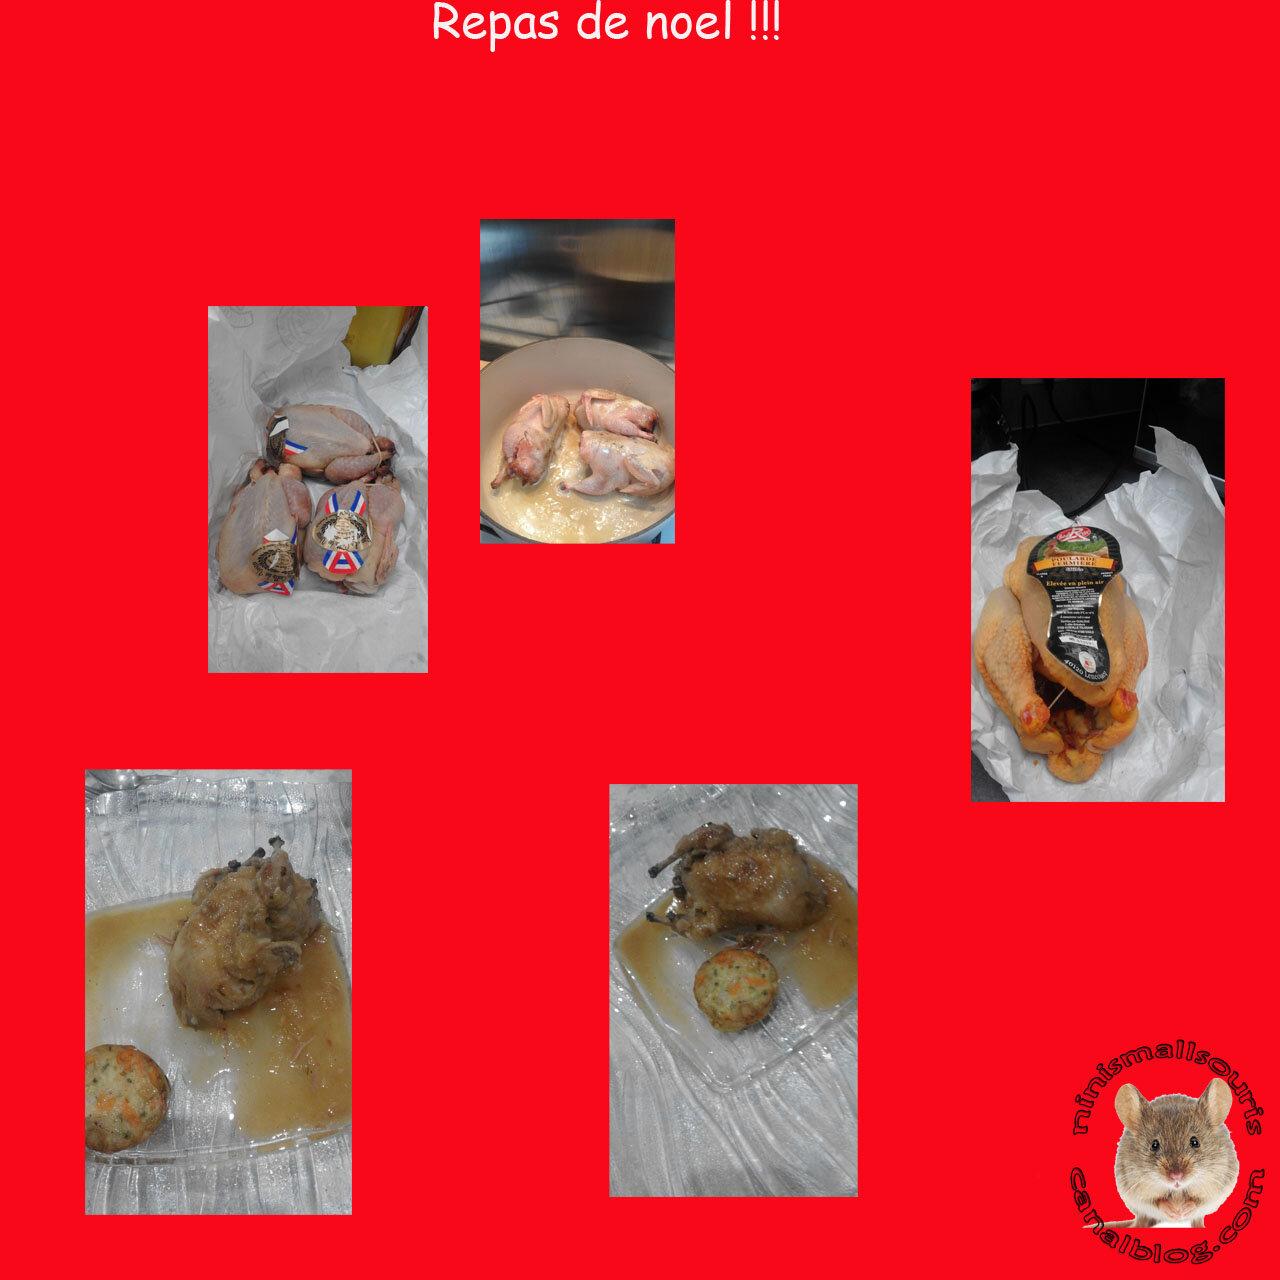 Le repas de Noel ;)